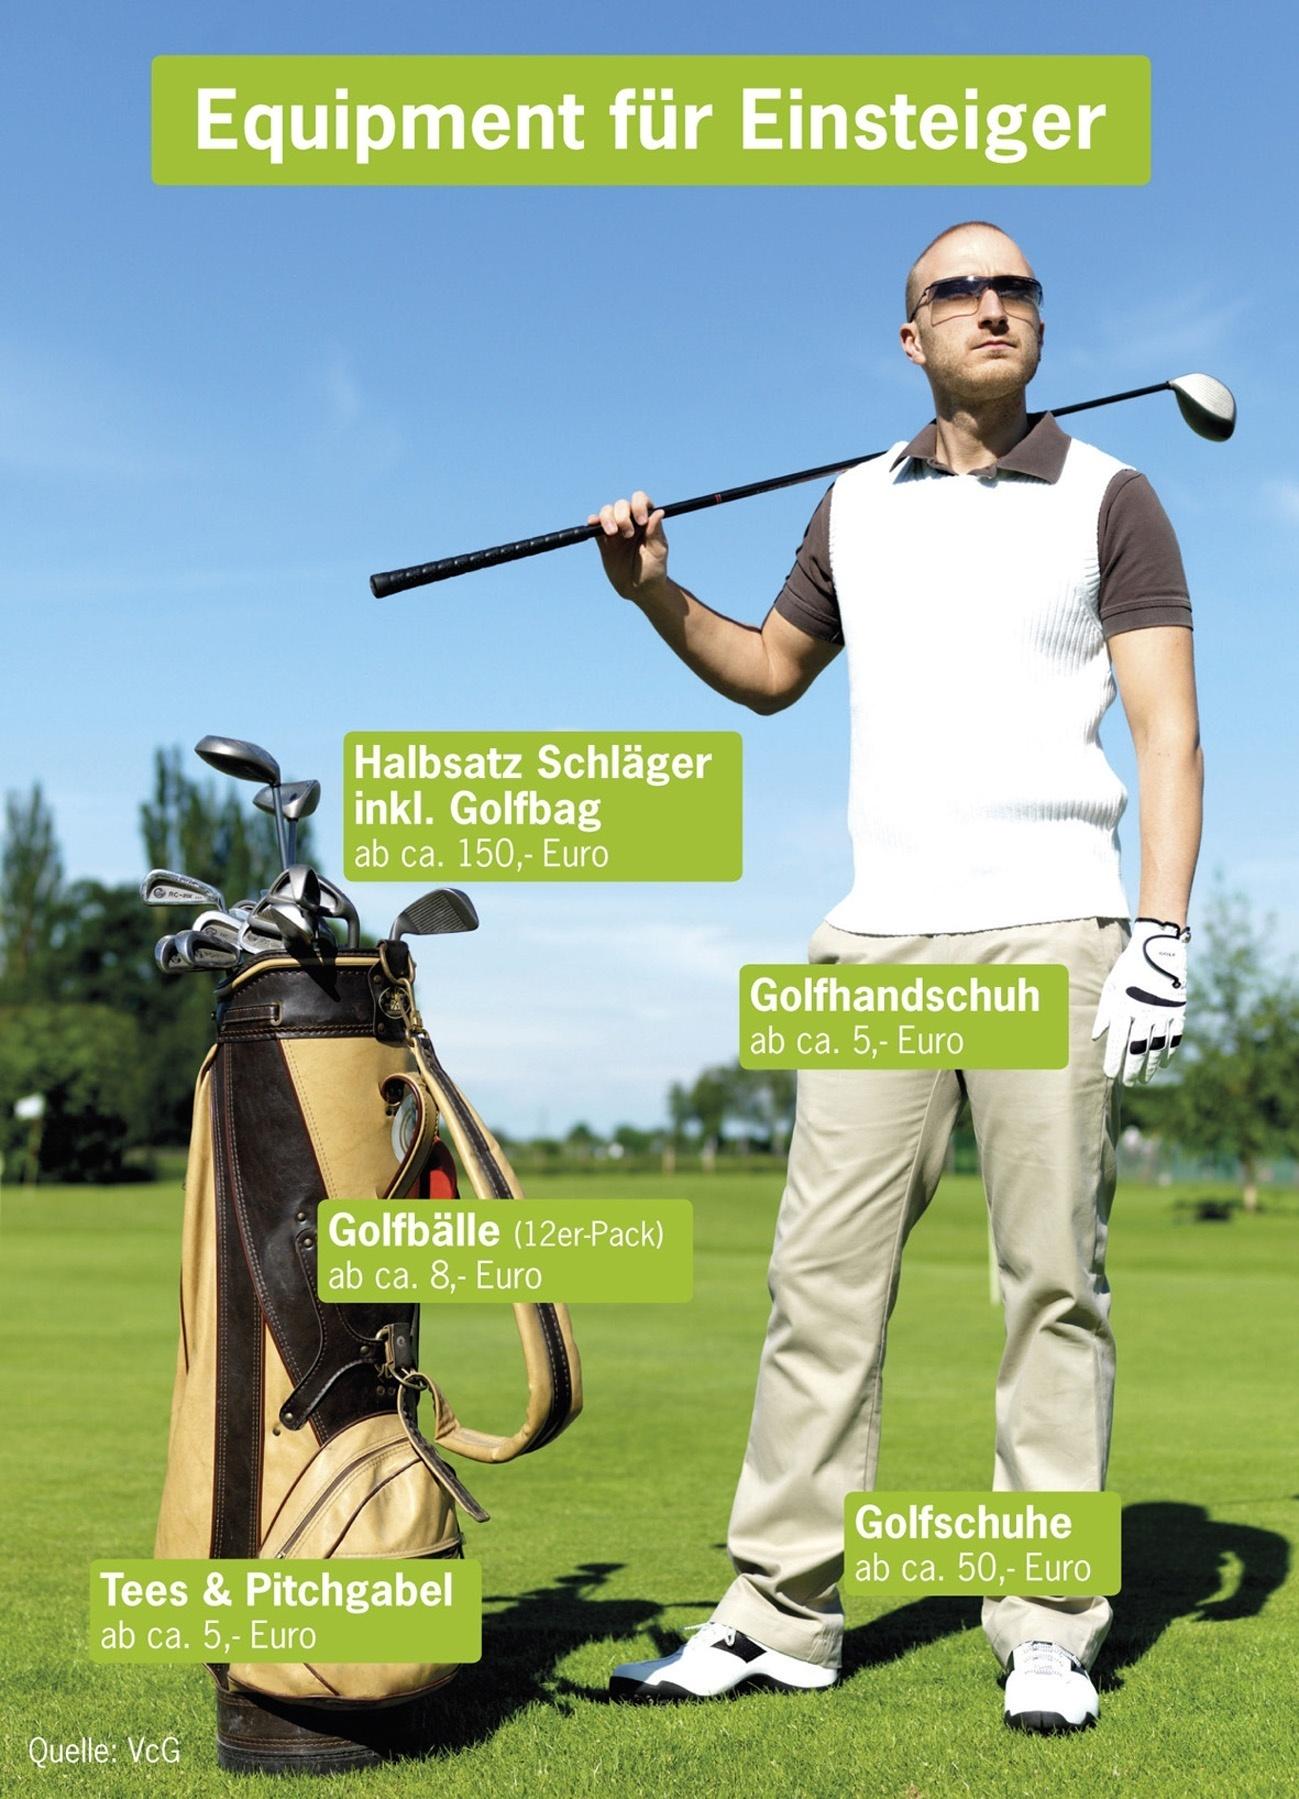 Das kostet die Golfausrüstung. Foto: pr/ vcg.